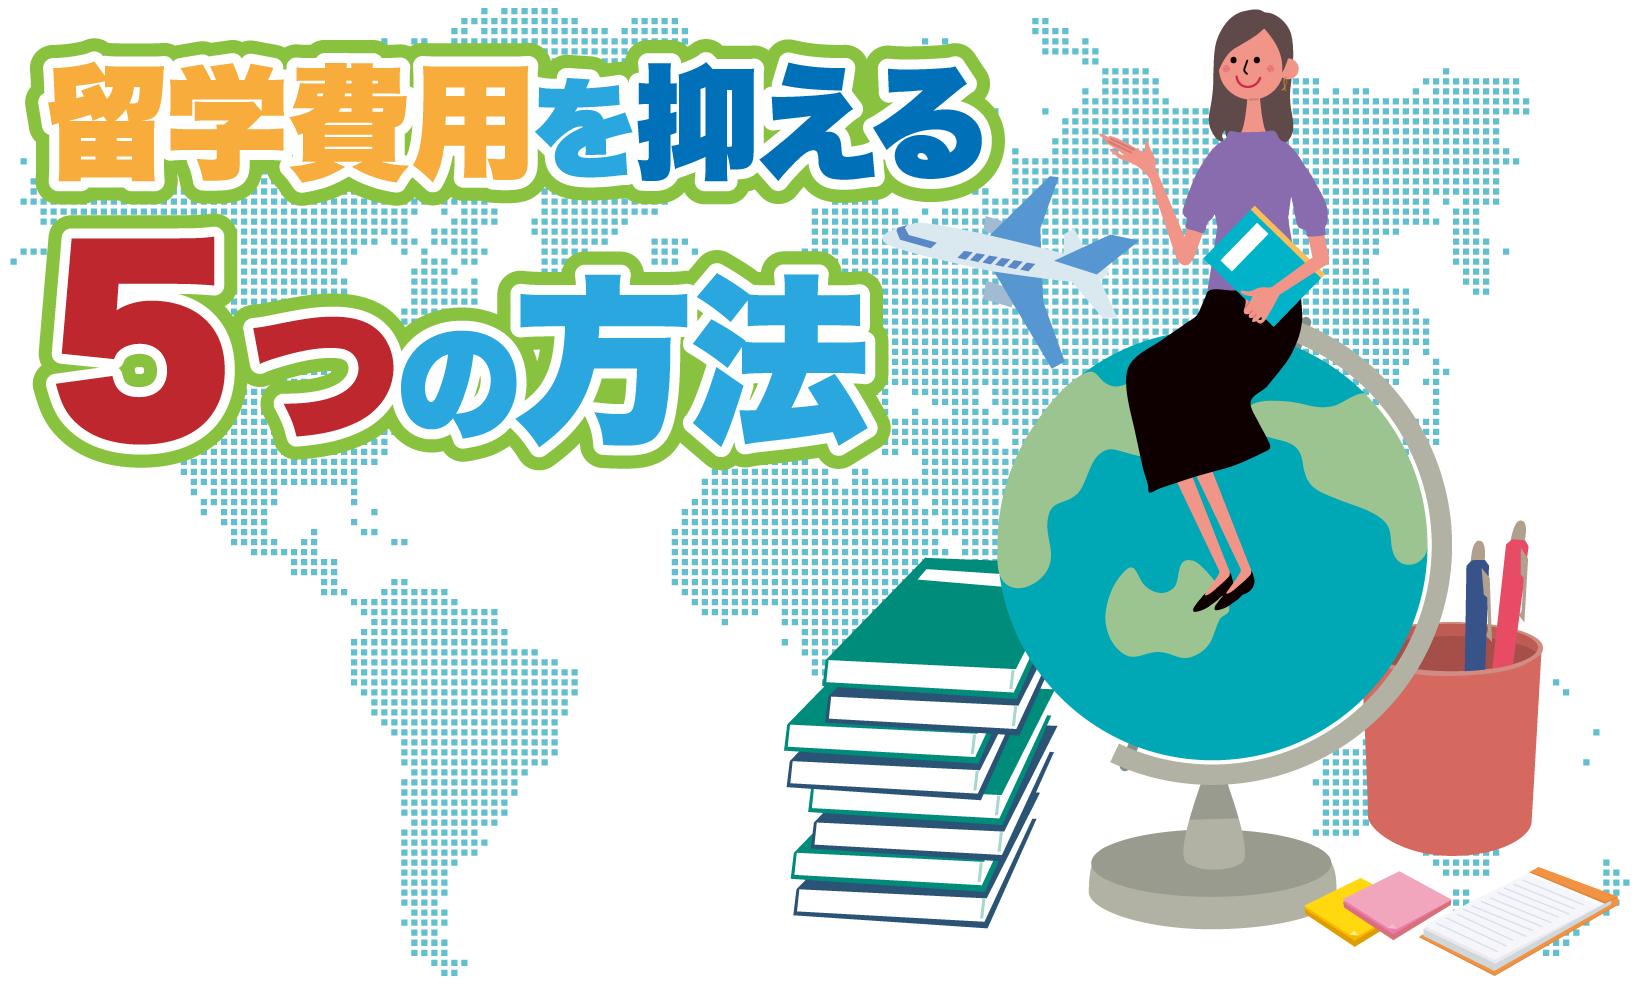 留学費用を抑える5つの方法